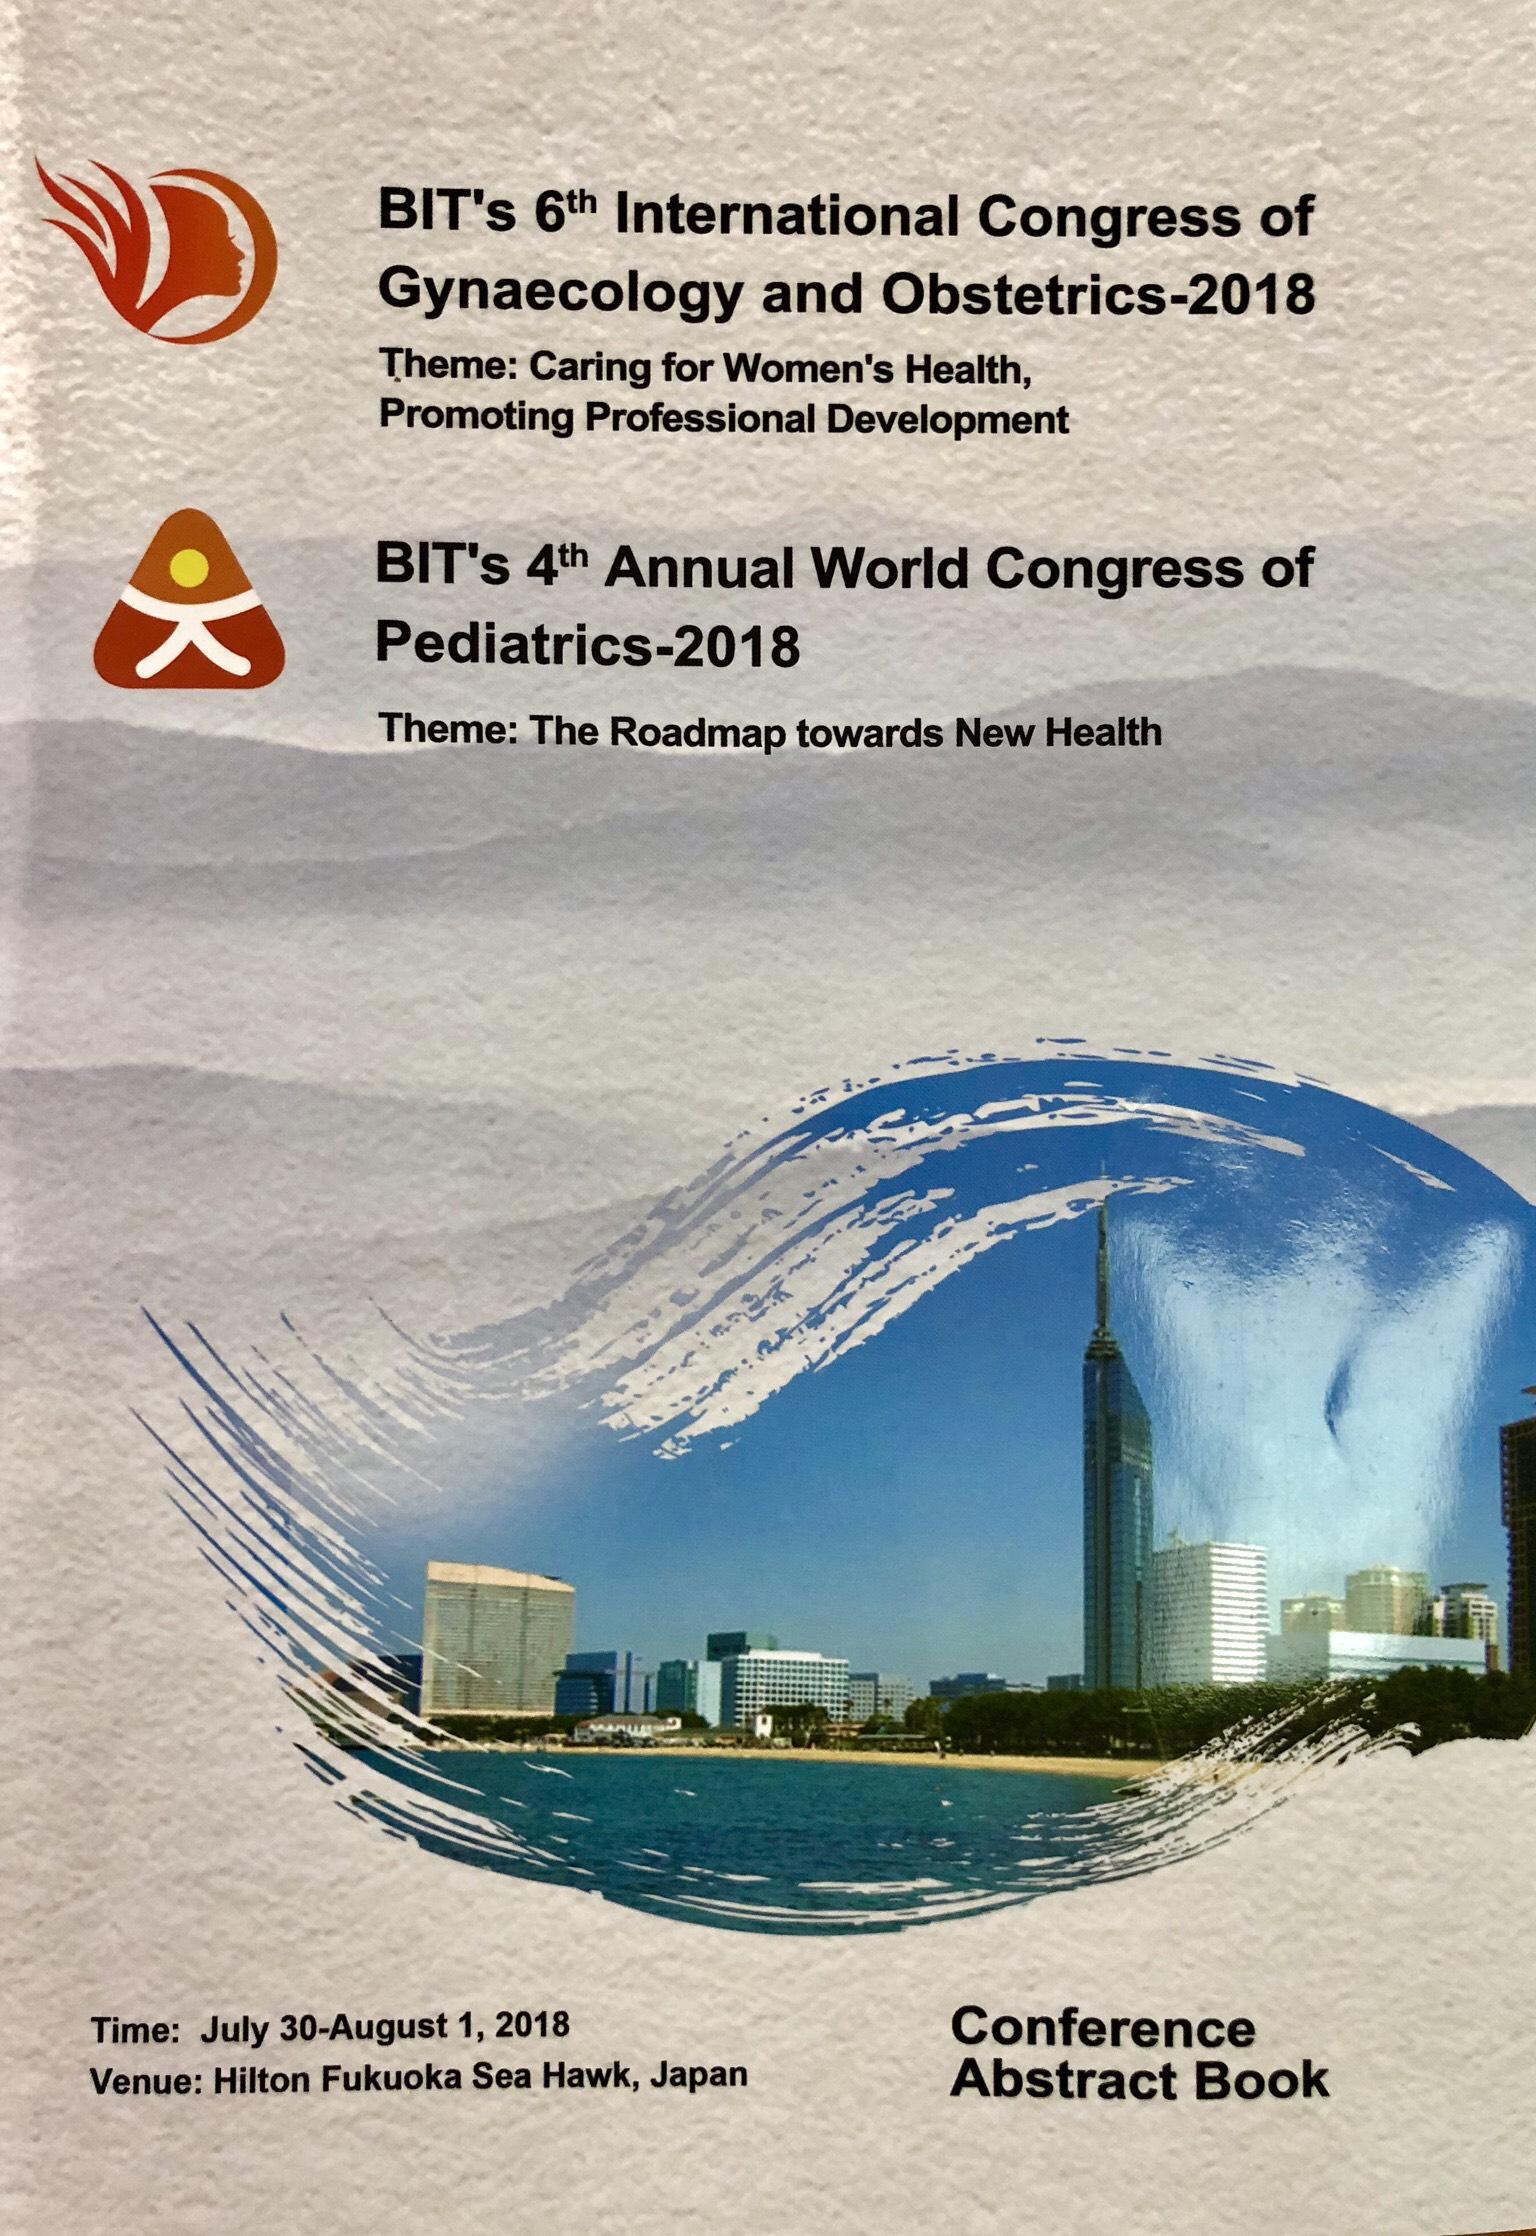 VI Международный Конгресс по Гинекологии и Акушерству (ICGO 2018) IMG 0929